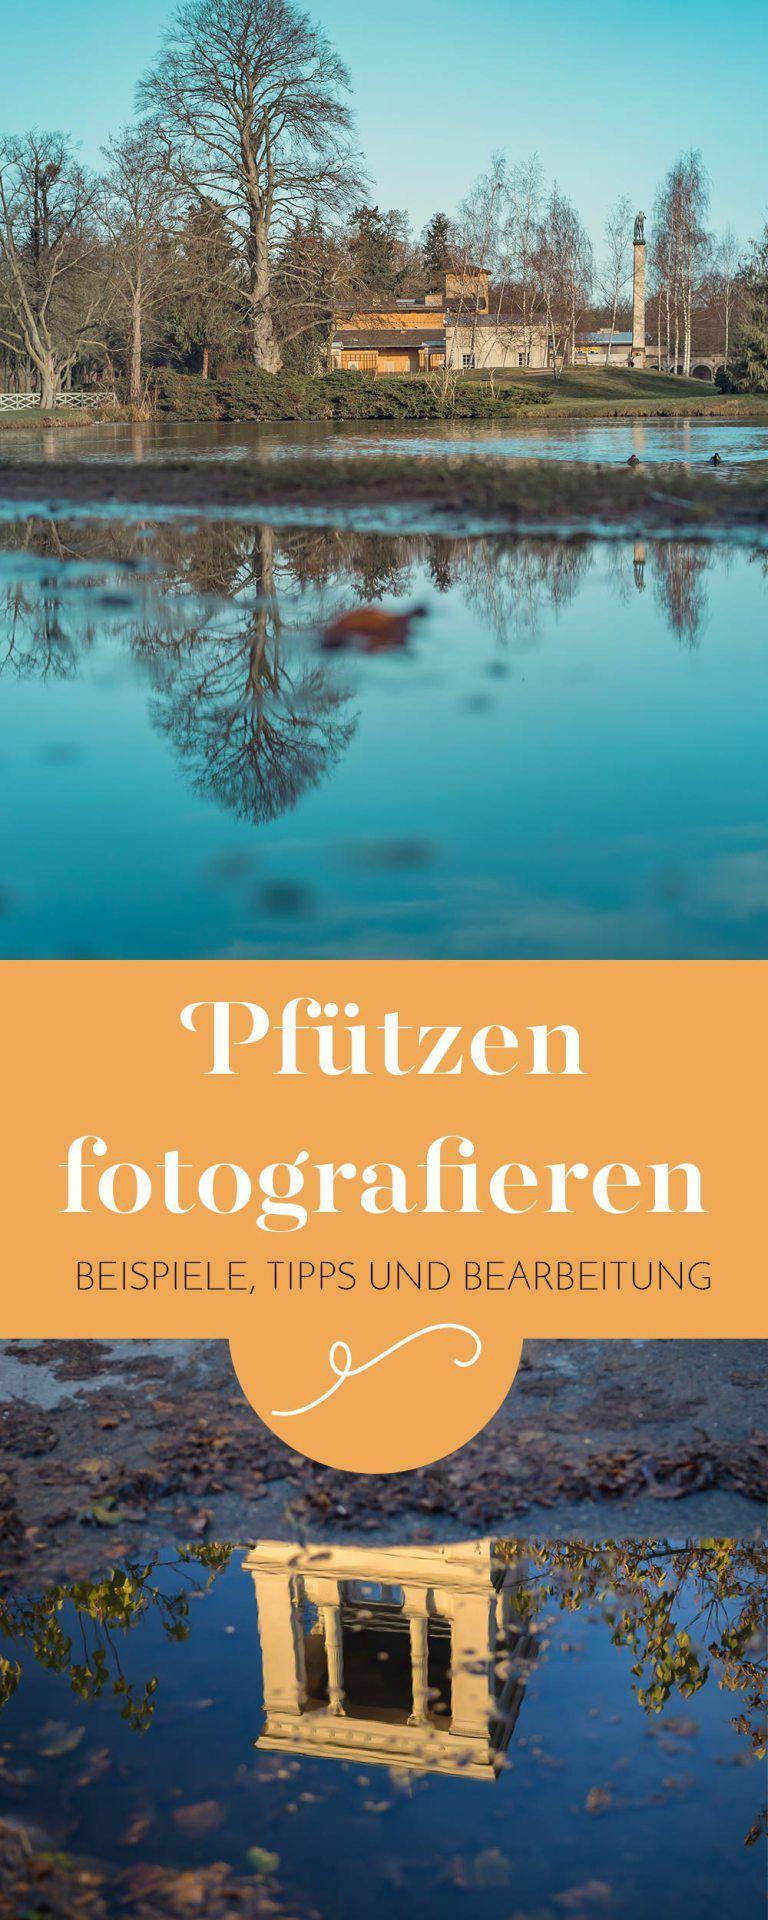 Spiegelungen in Pfützen fotografieren | FOTOGRAFIE TIPPS ...